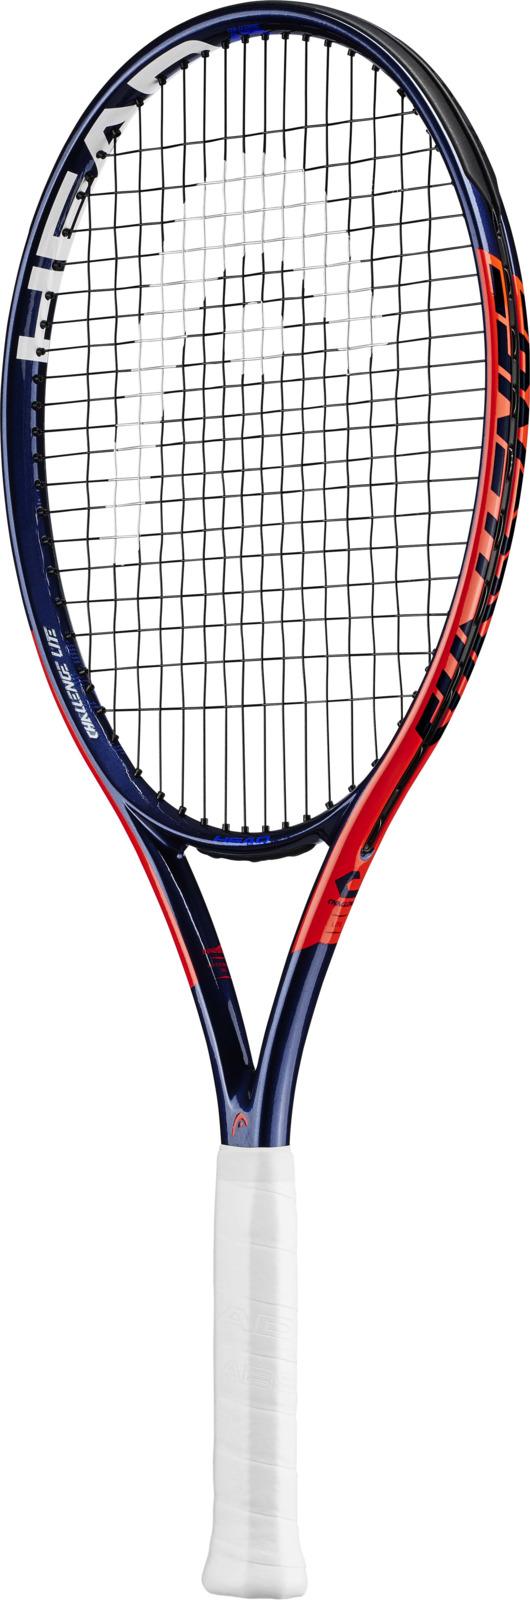 Ракетка теннисная Head IG Challenge Lite, оранжевый, ручка 1 теннисная ракетка prince 7t35